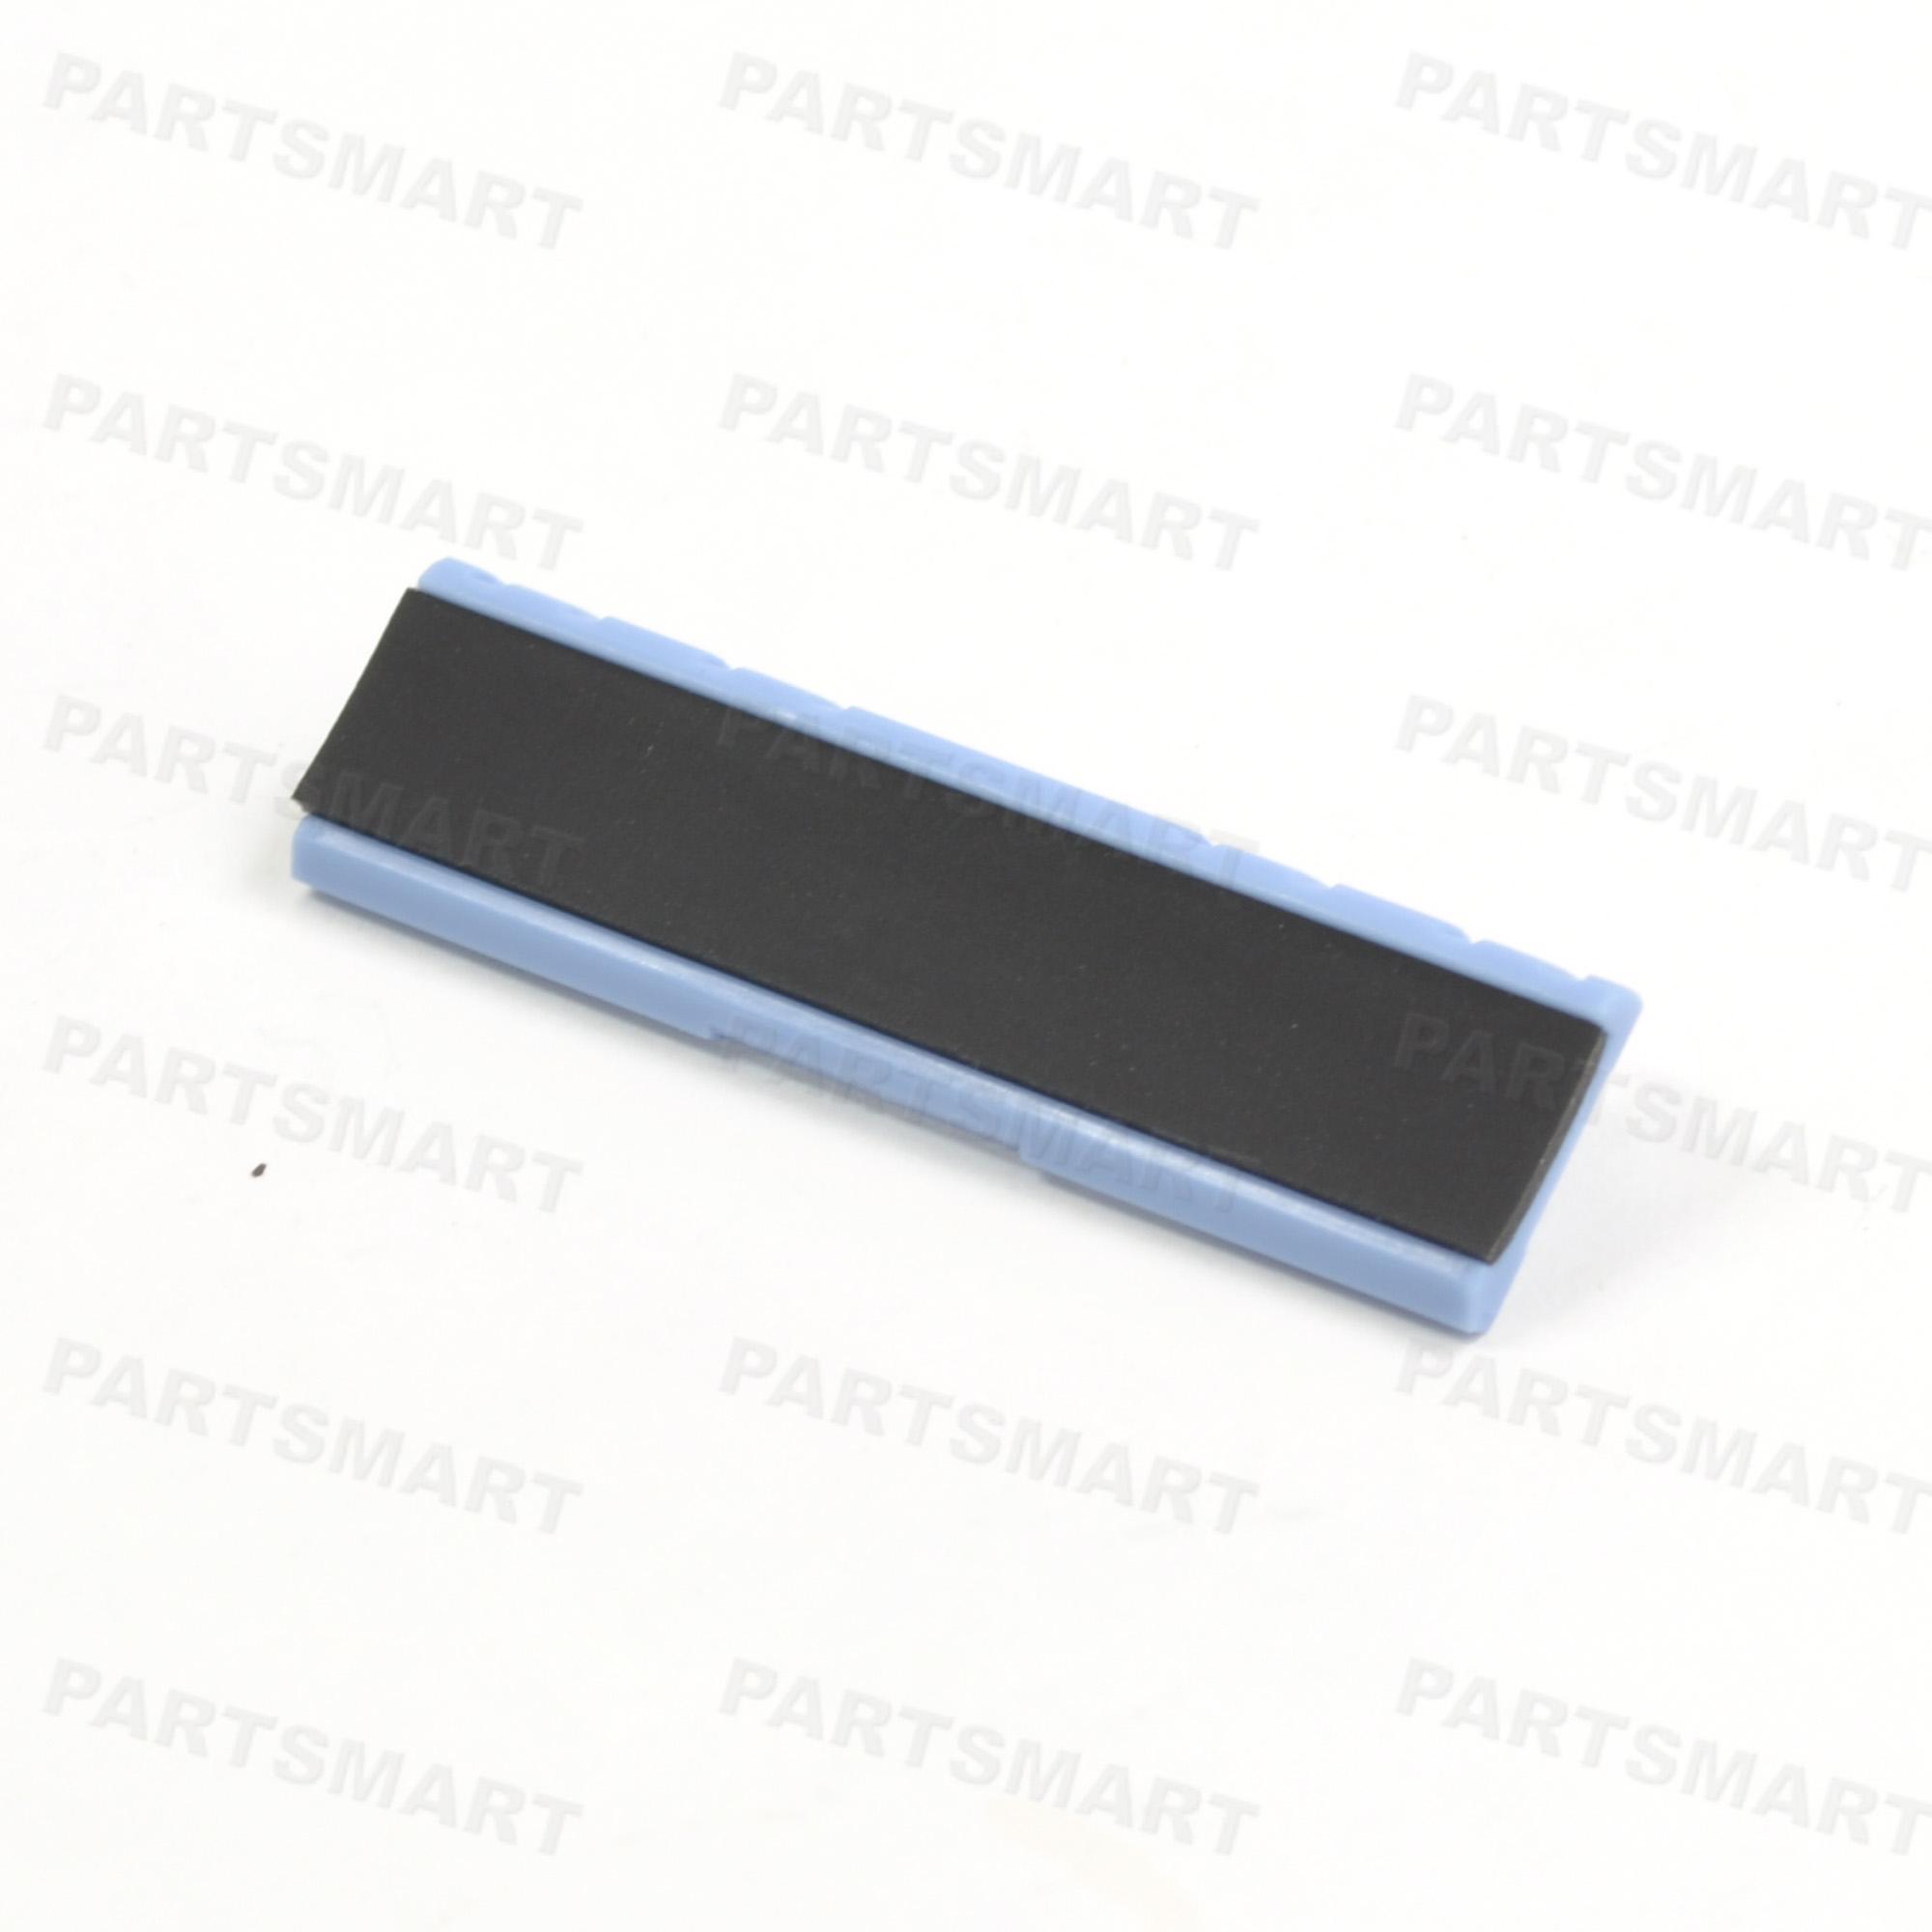 RC1-0954-000 Separation Pad Tray 2 for HP LaserJet 2300 Color LaserJet 2500